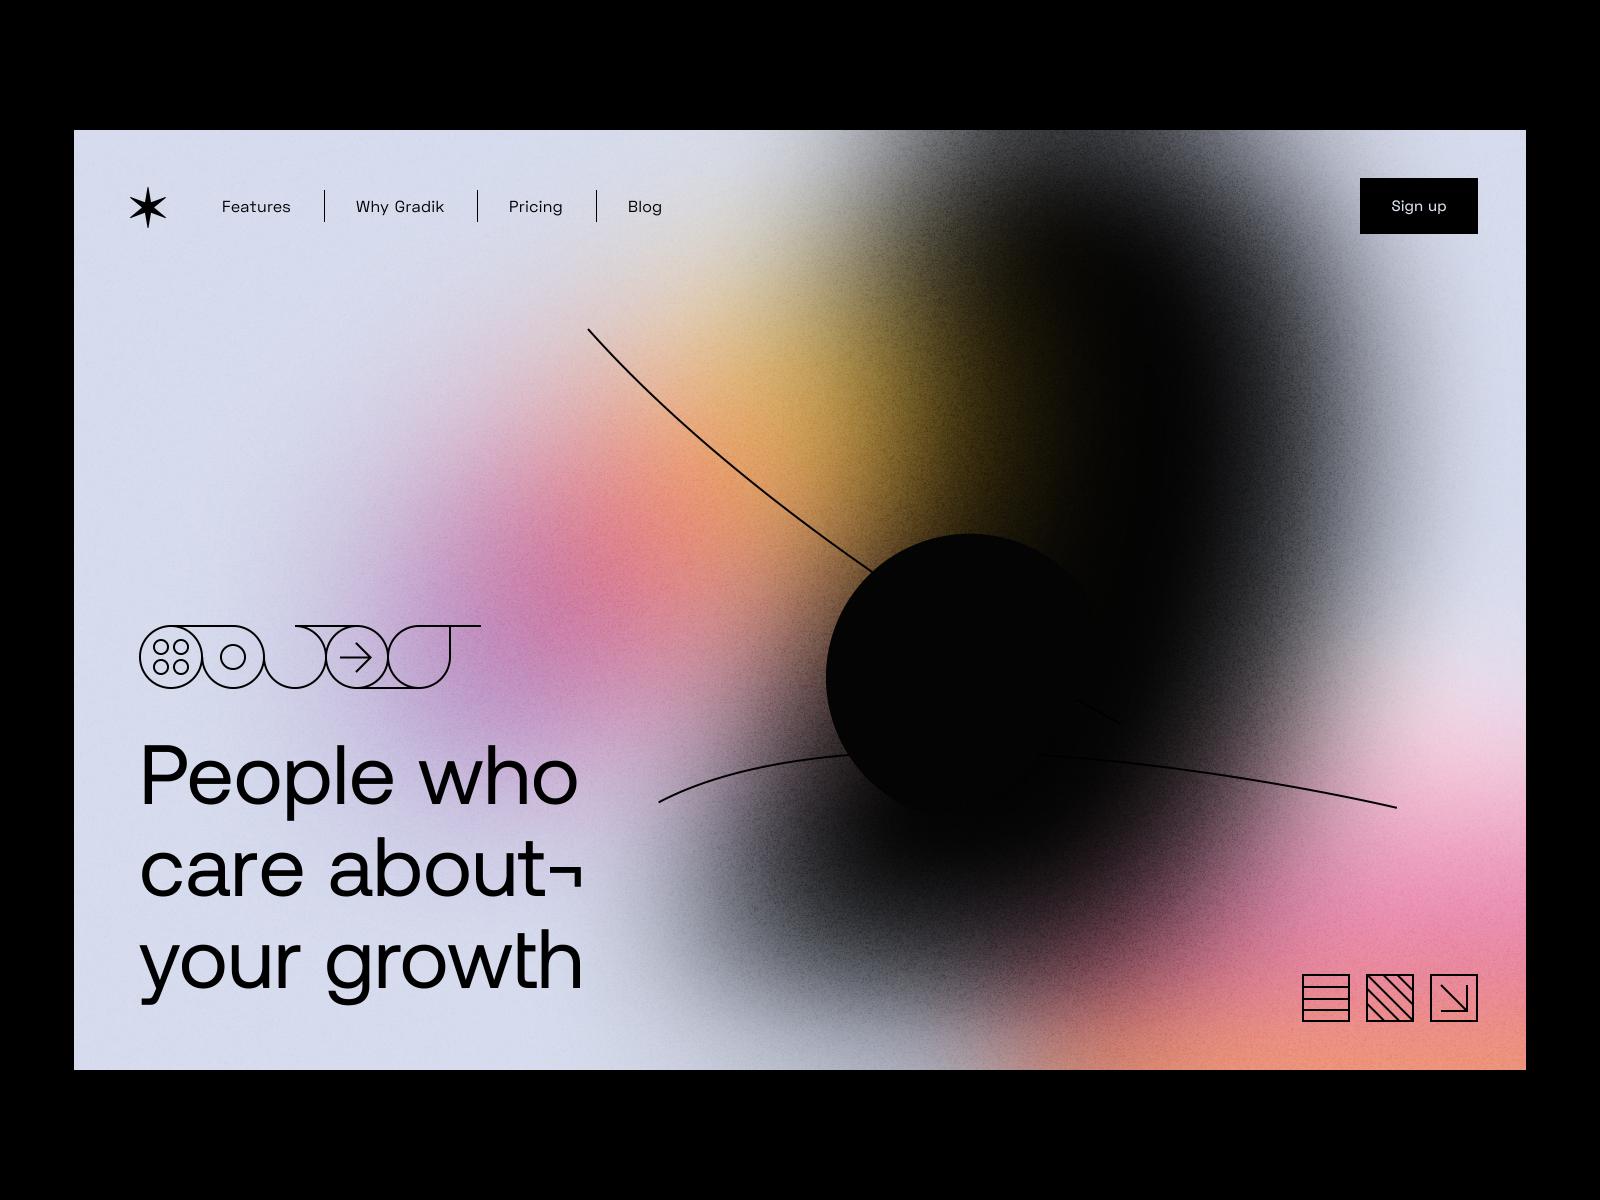 朦胧神秘的质感!弥散光在网页设计中的应用